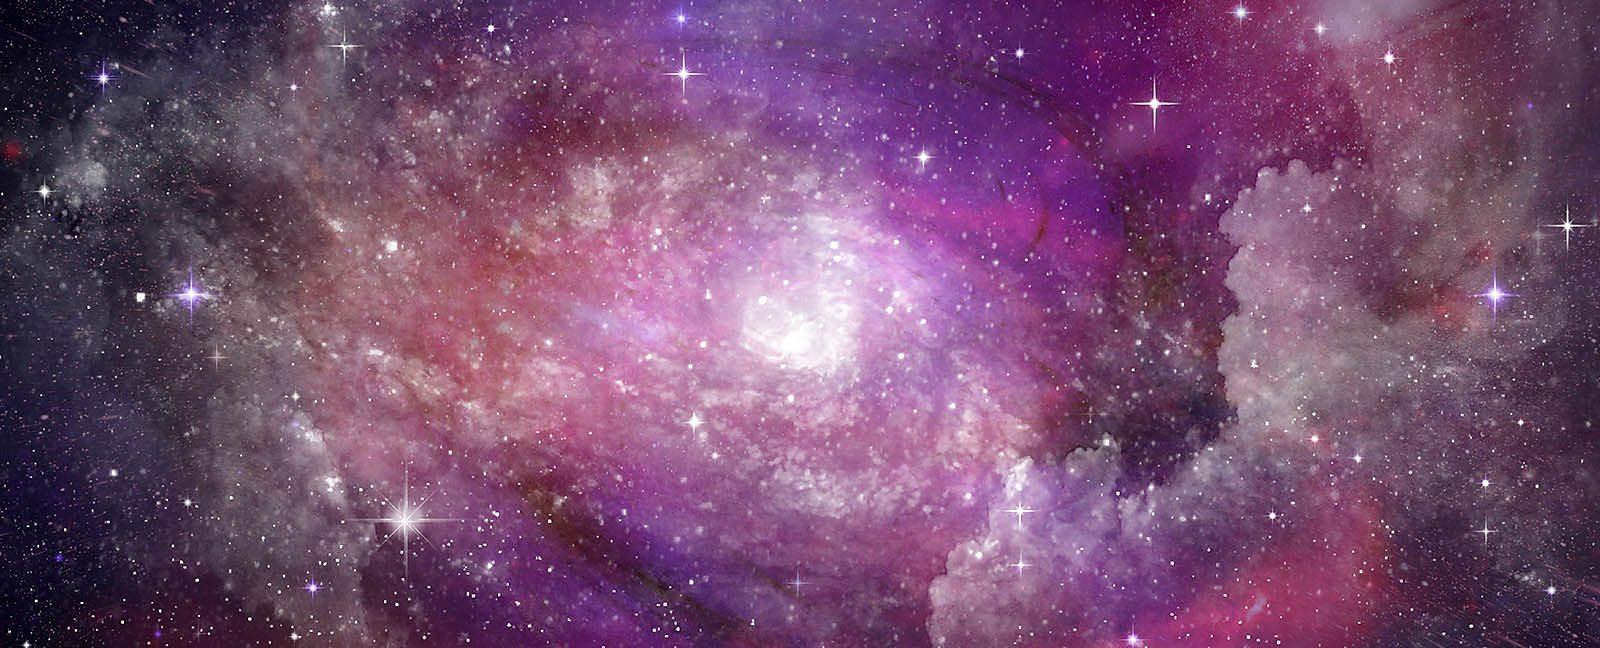 آیا جهان مسطح است